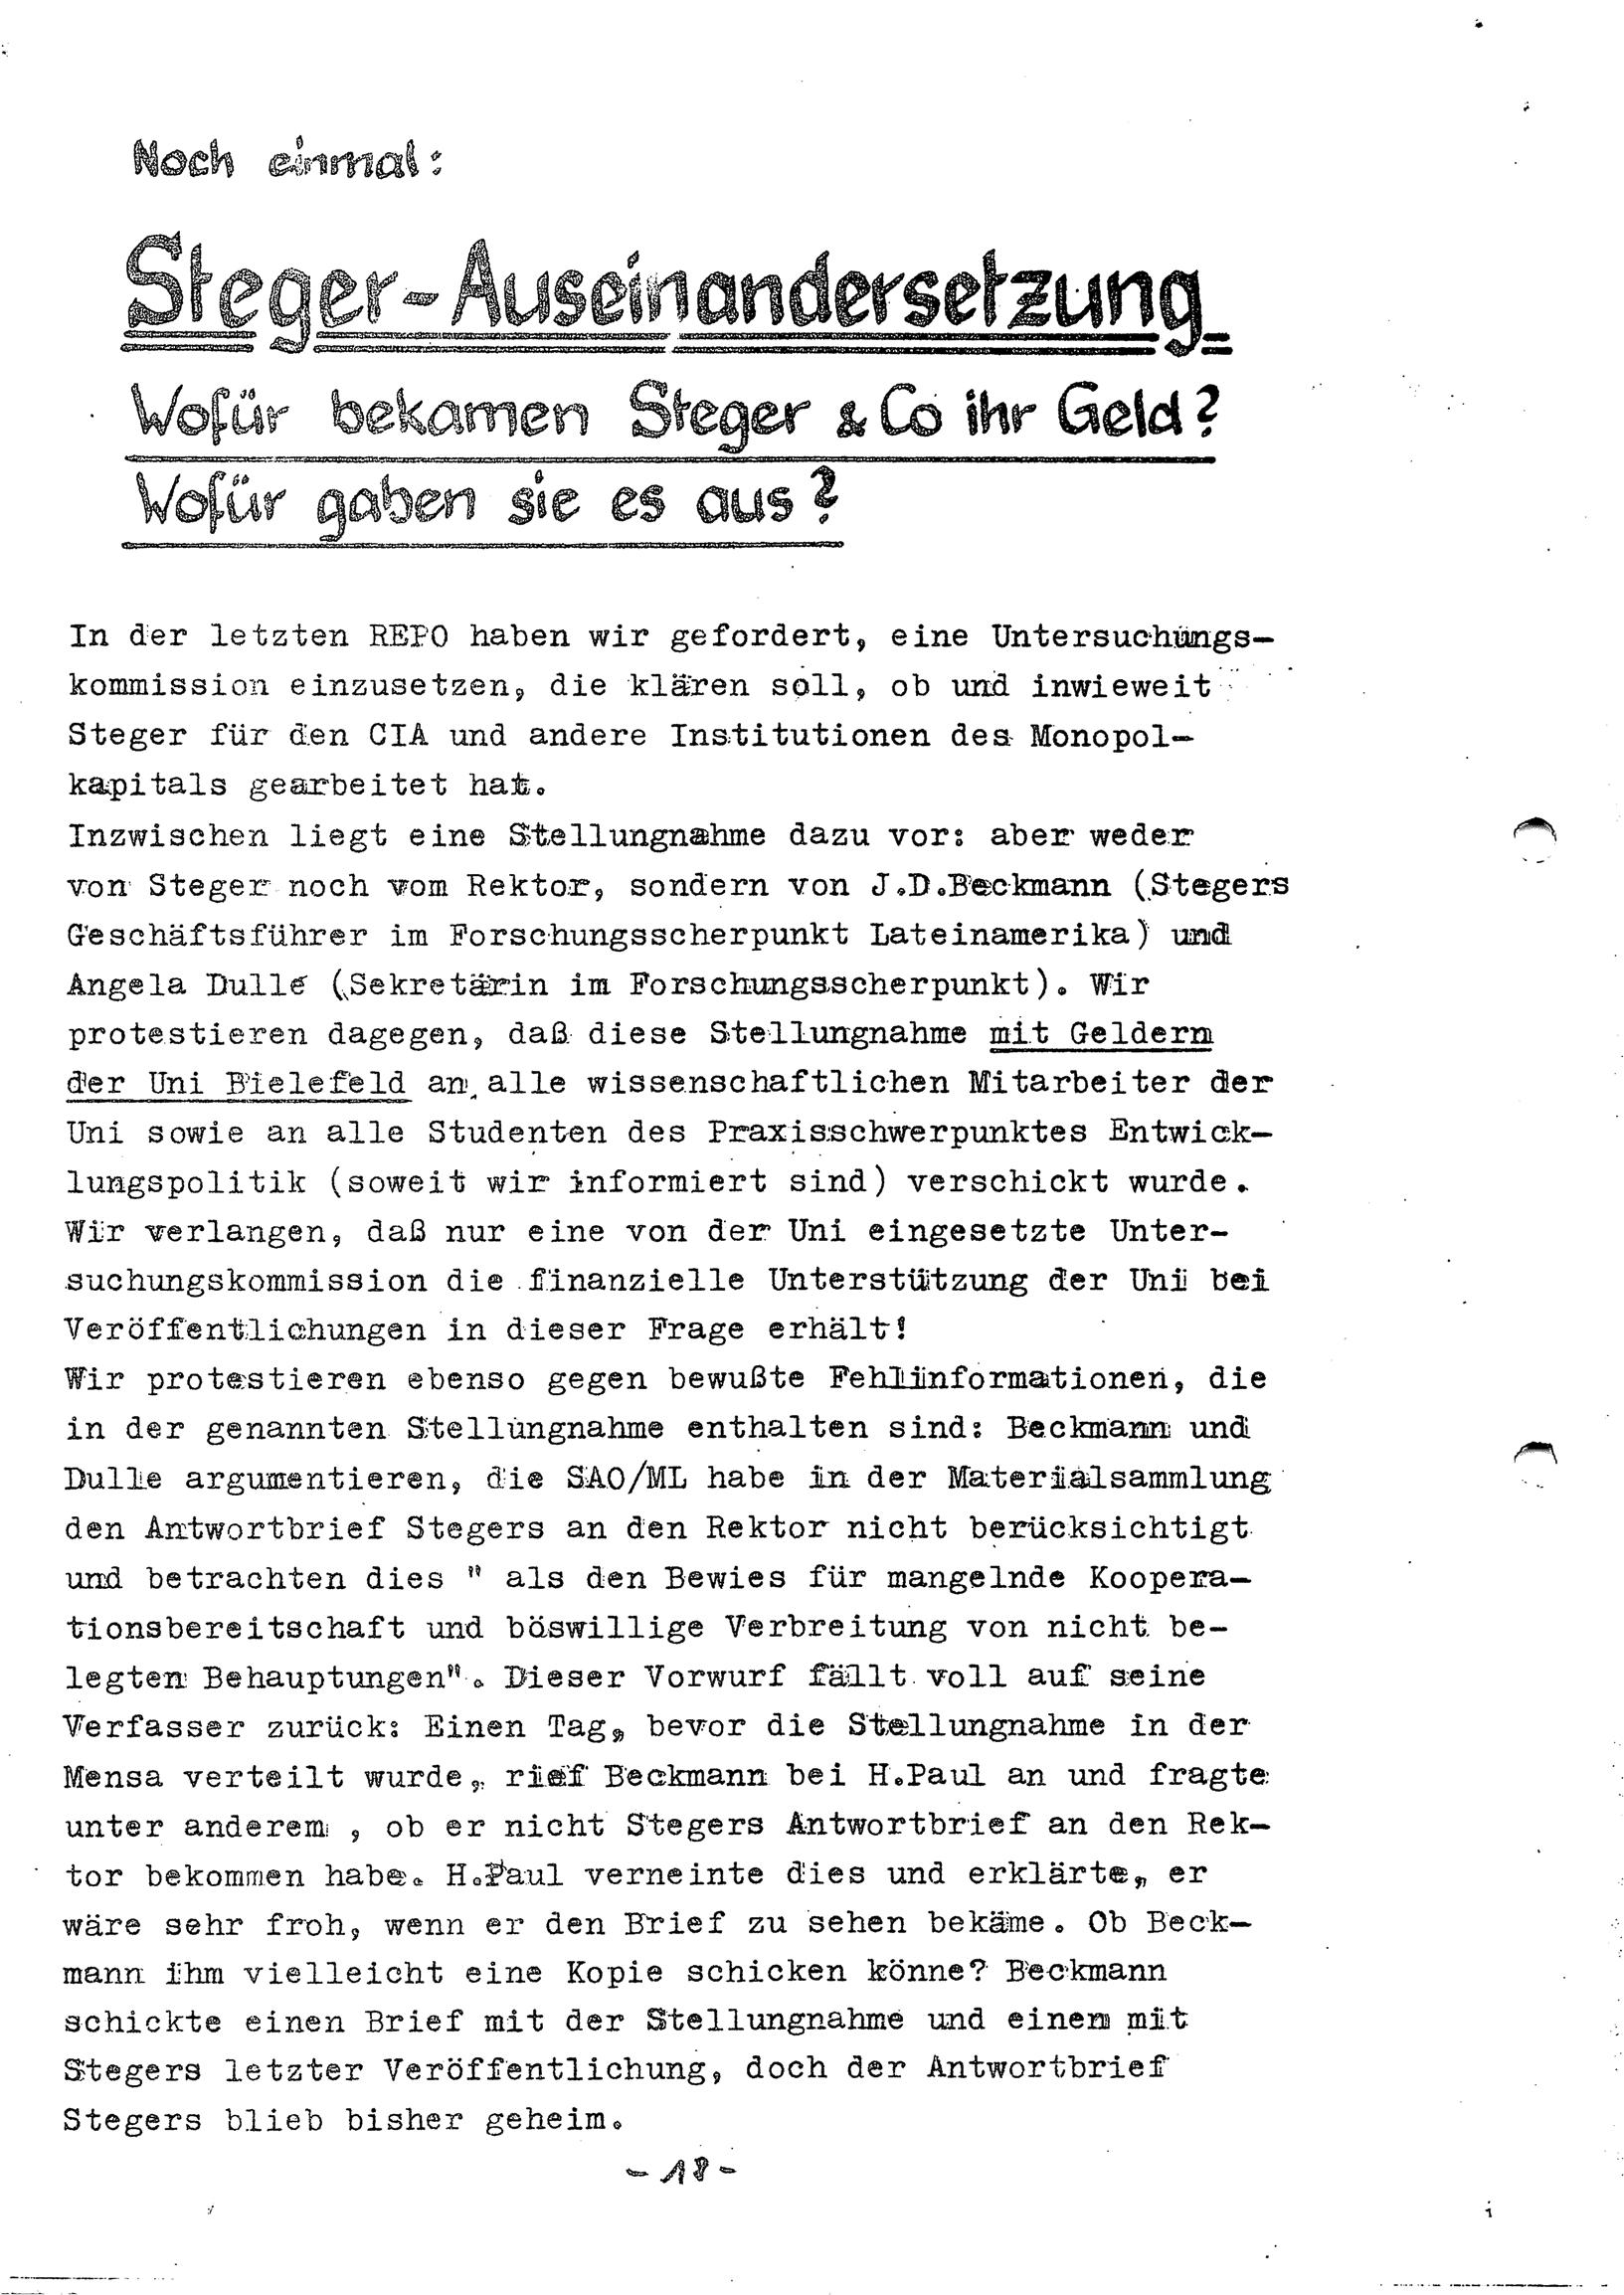 Bielefeld_SAO017